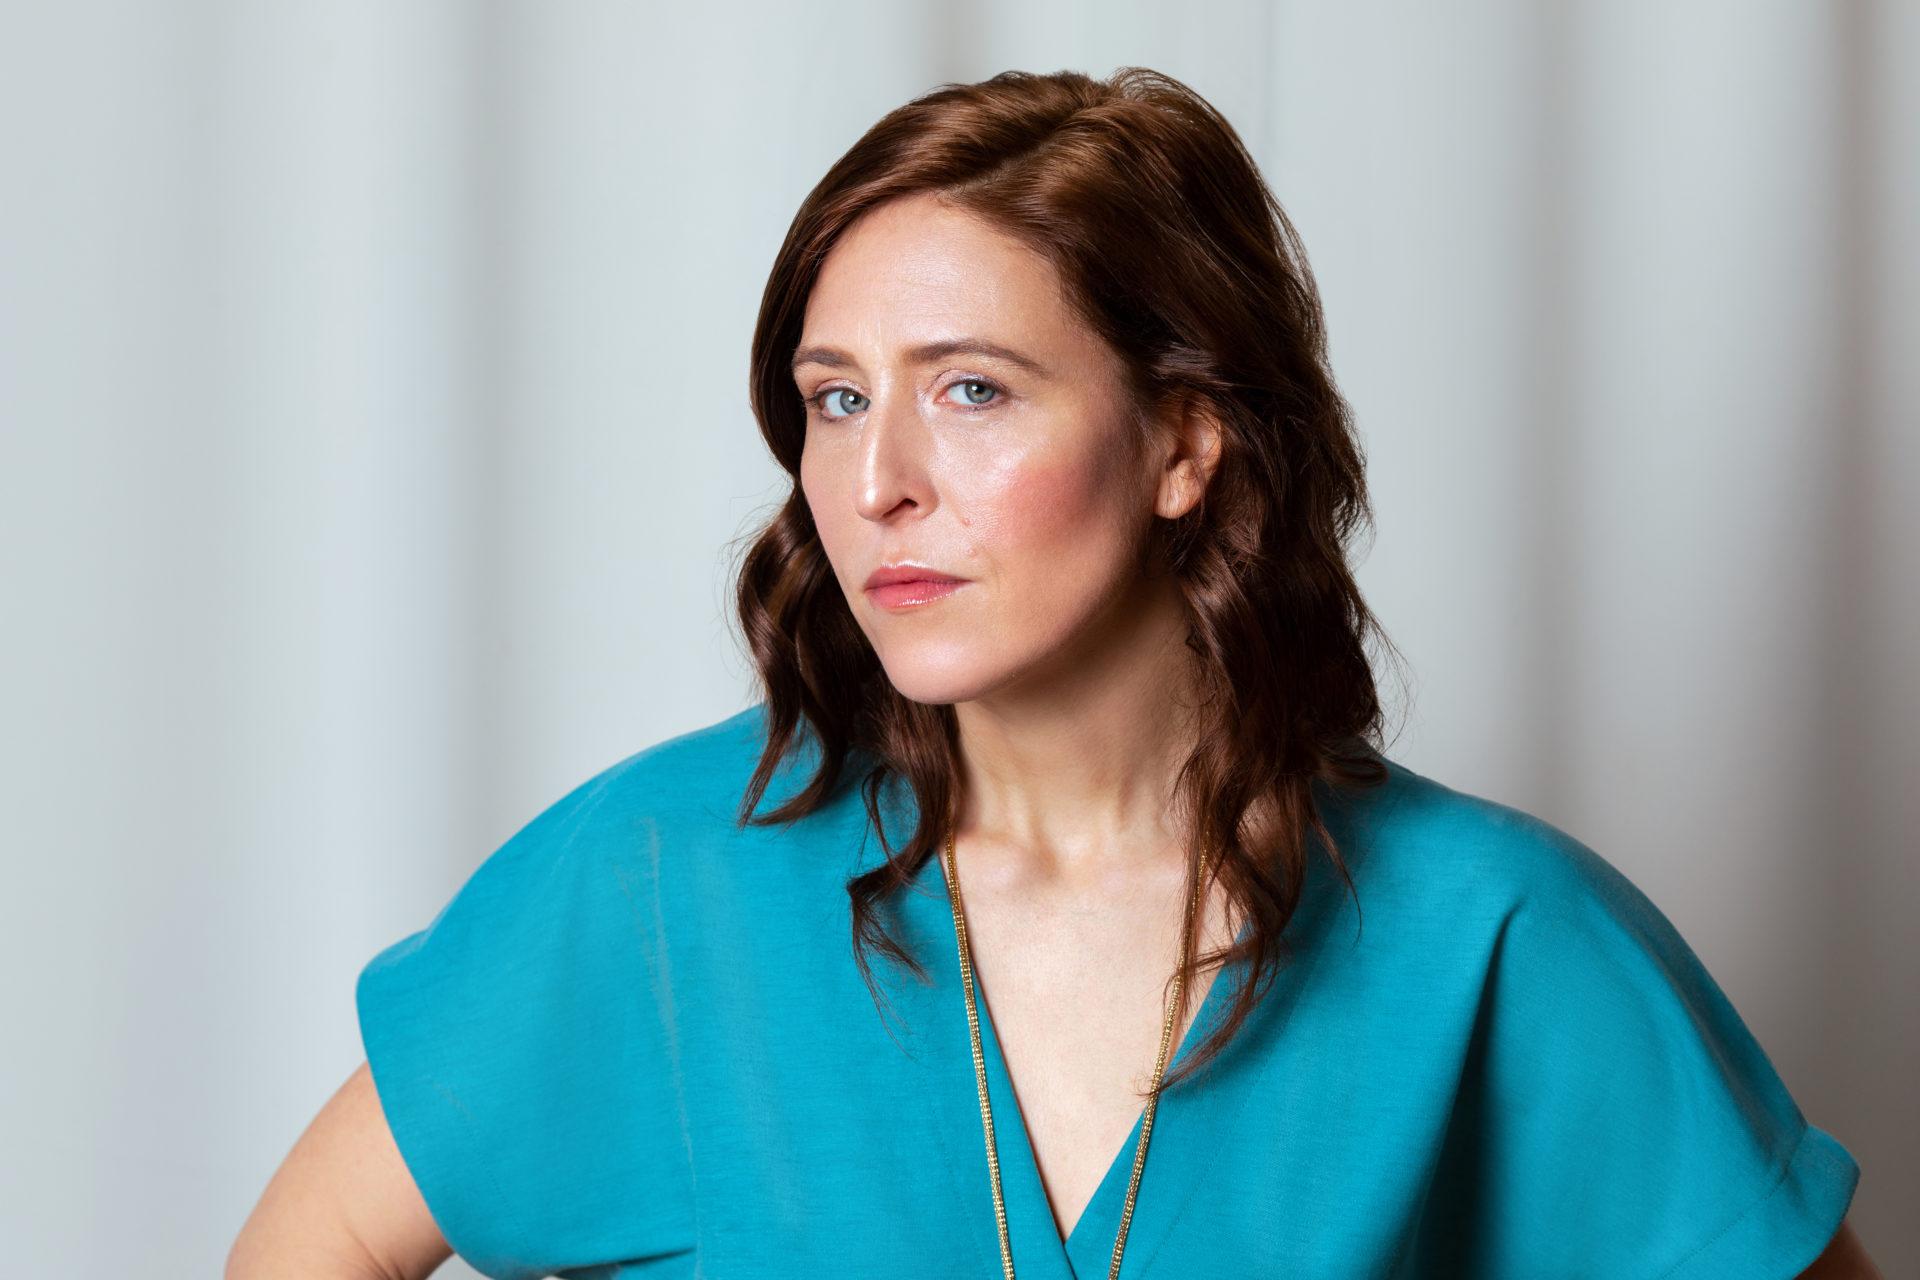 Britta Steffenhagen in Teal Jumper